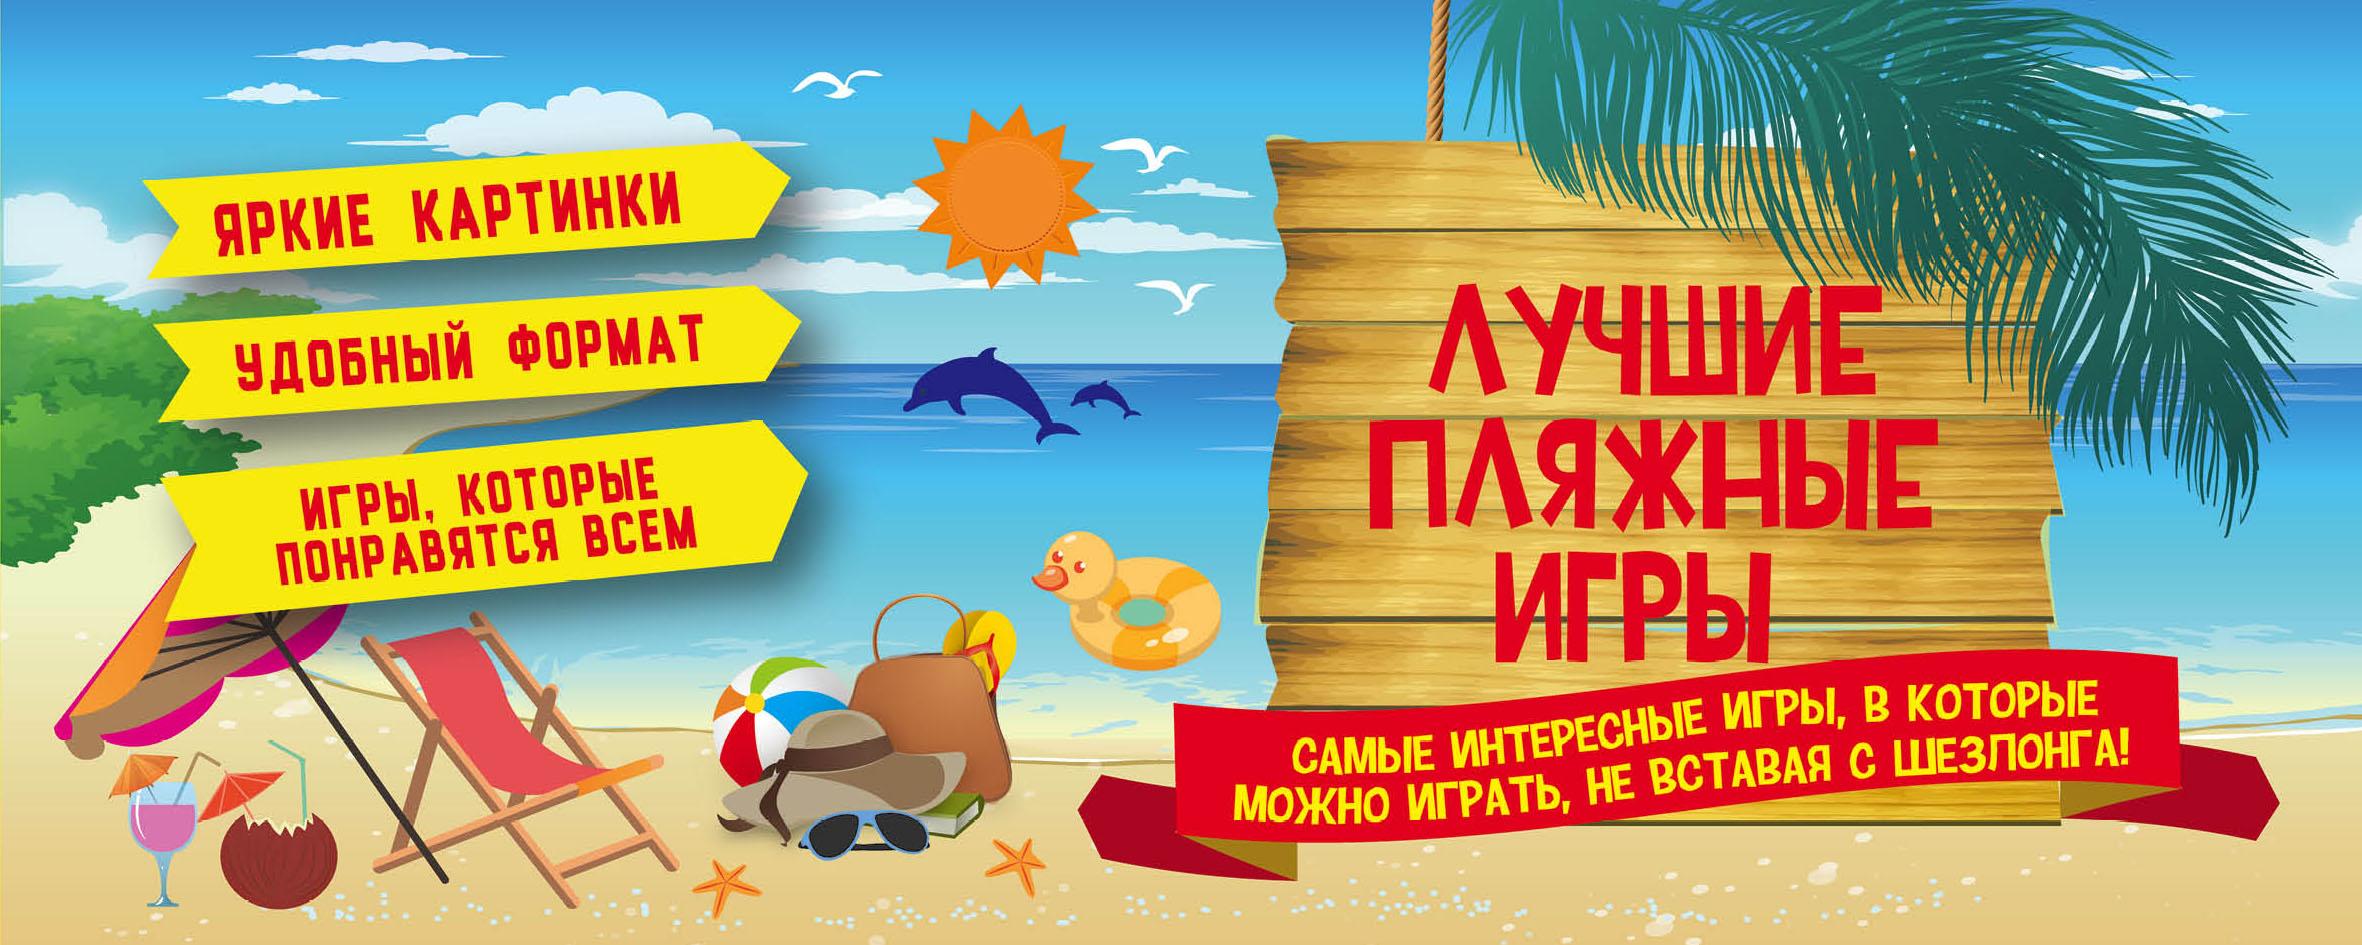 Лучшие пляжные игры парфенова ирина ивановна словесные игры